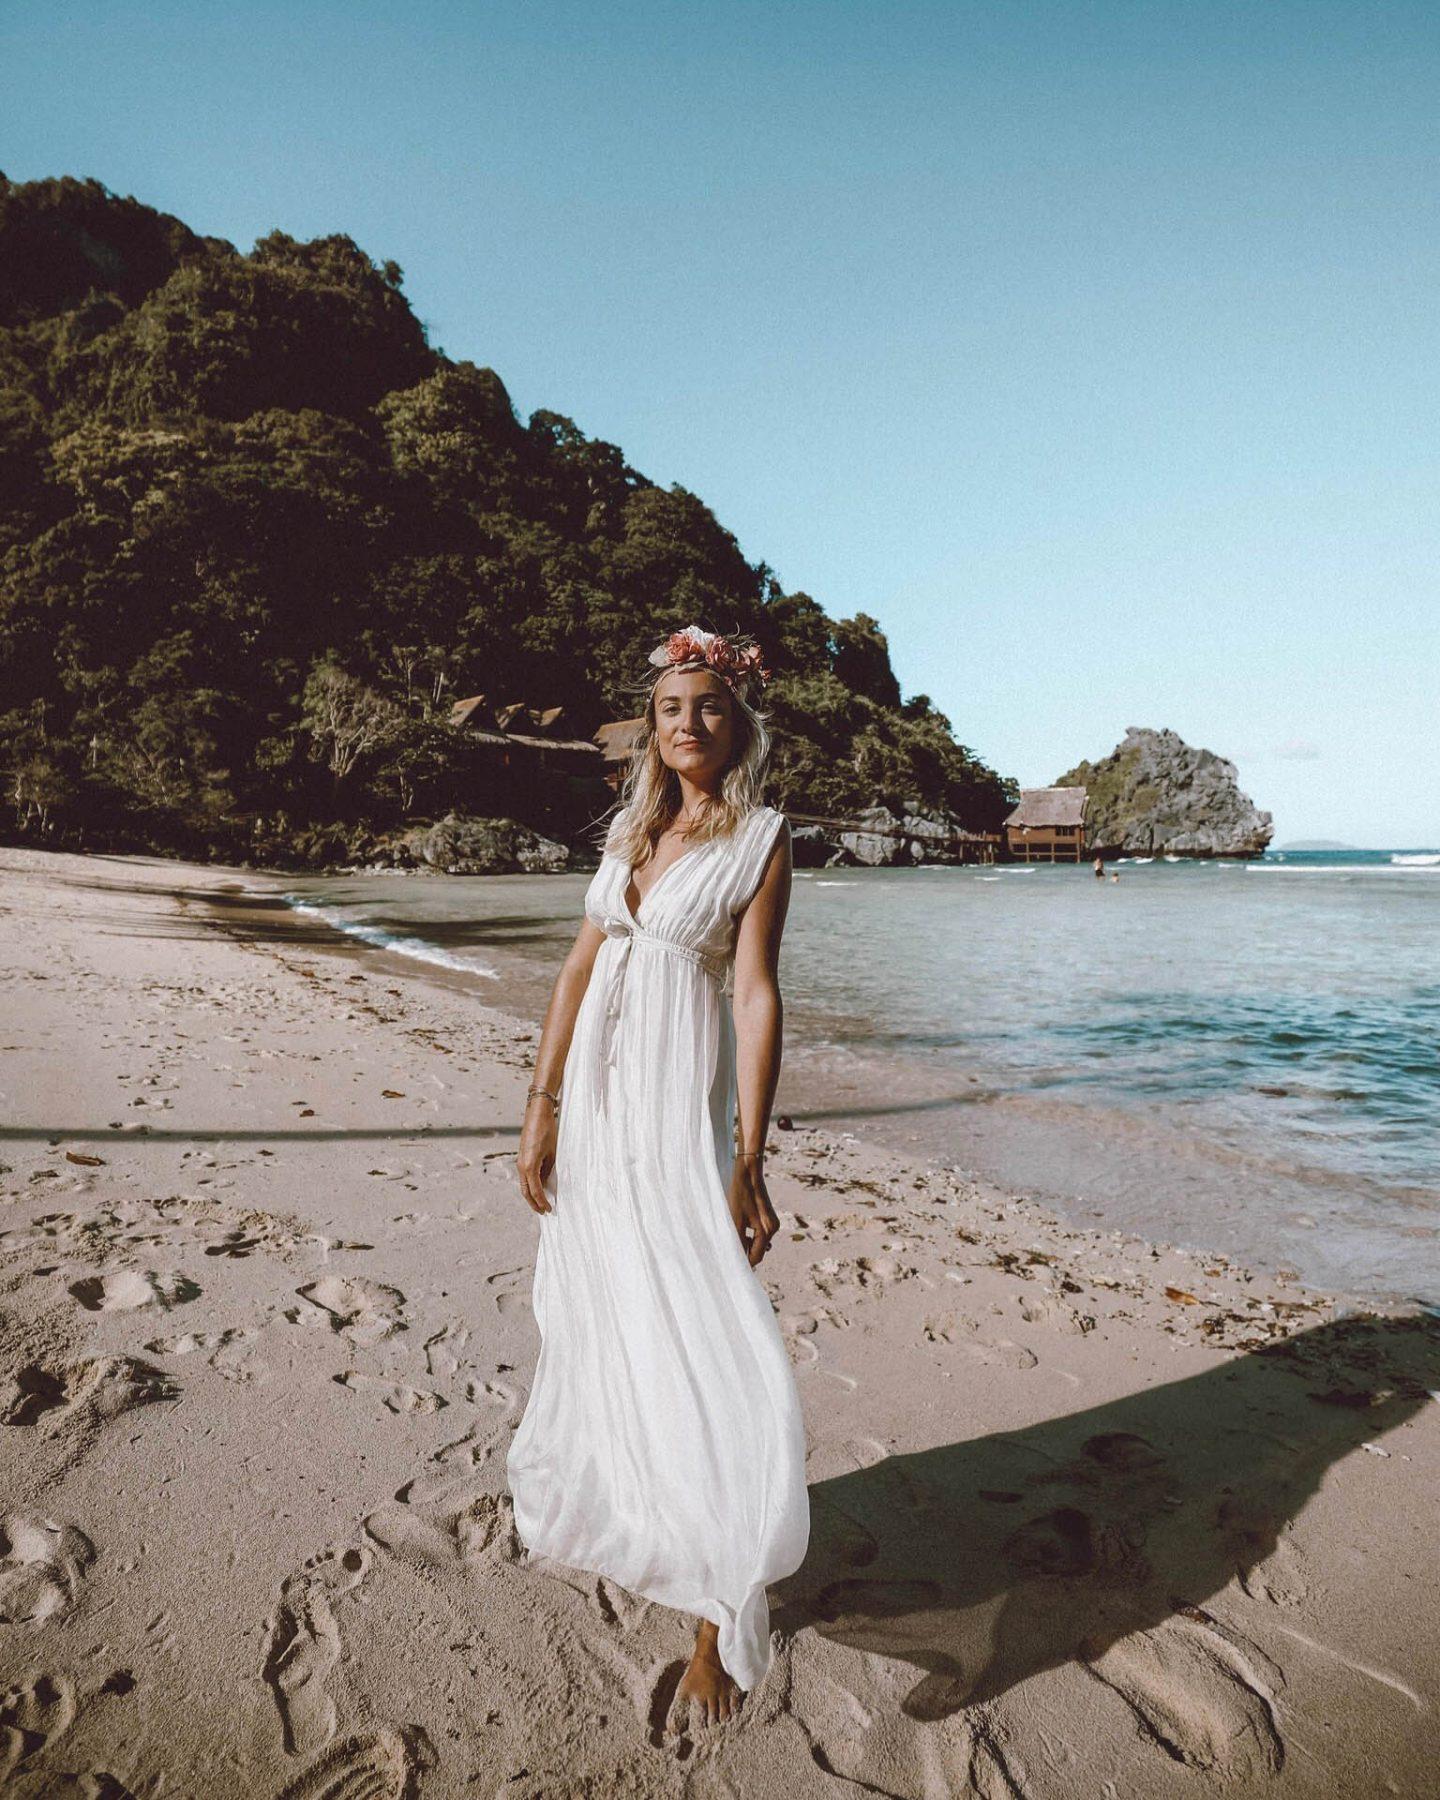 Cauayan île - Blondie Baby blog mode Paris et voyages